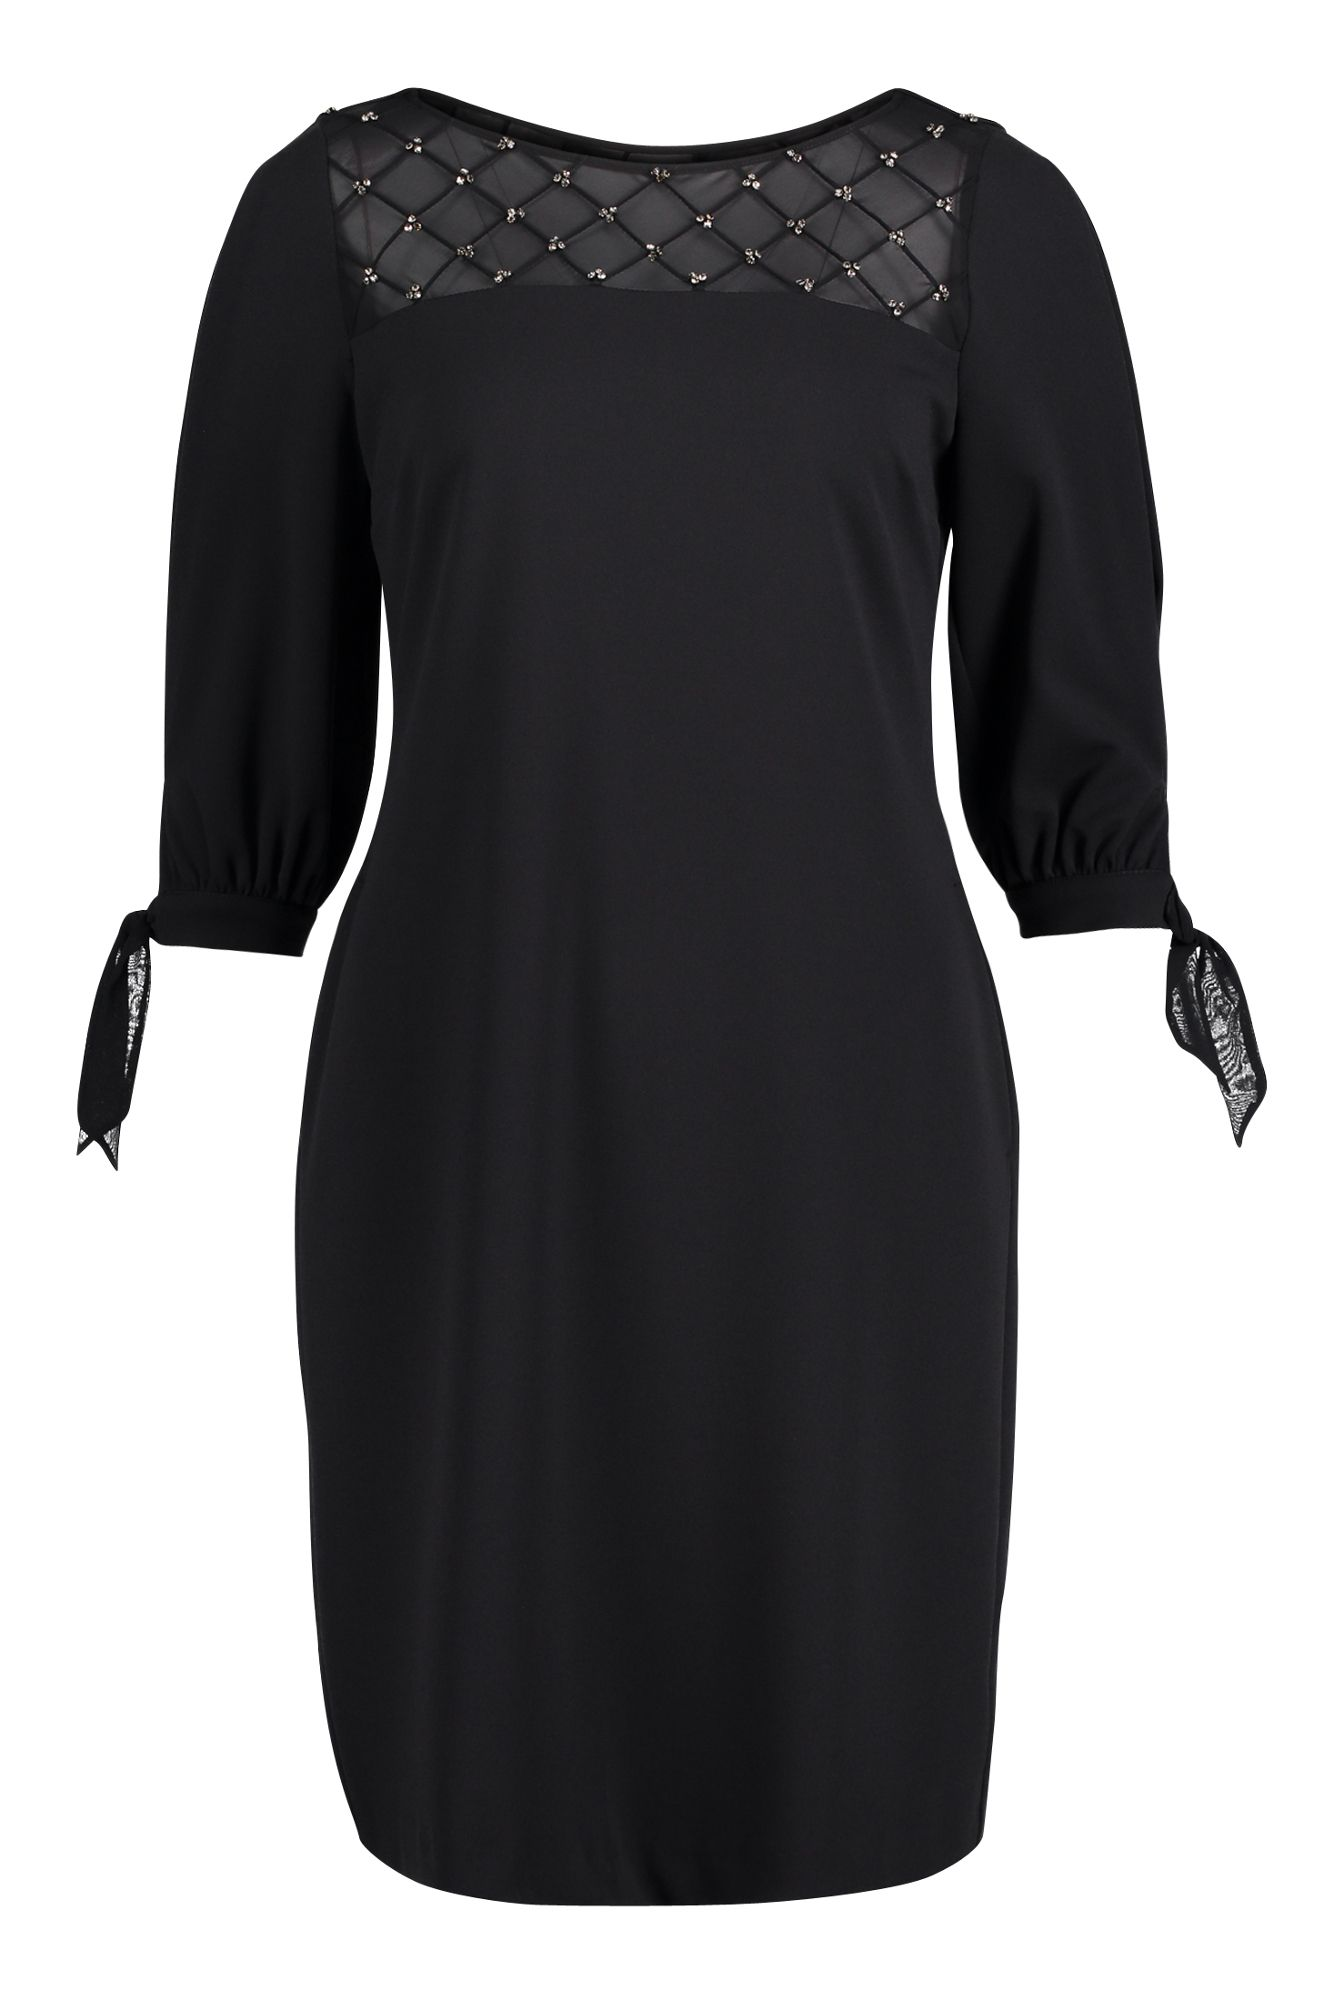 elastisches kleid mit Ärmel schwarz vera mont | mode